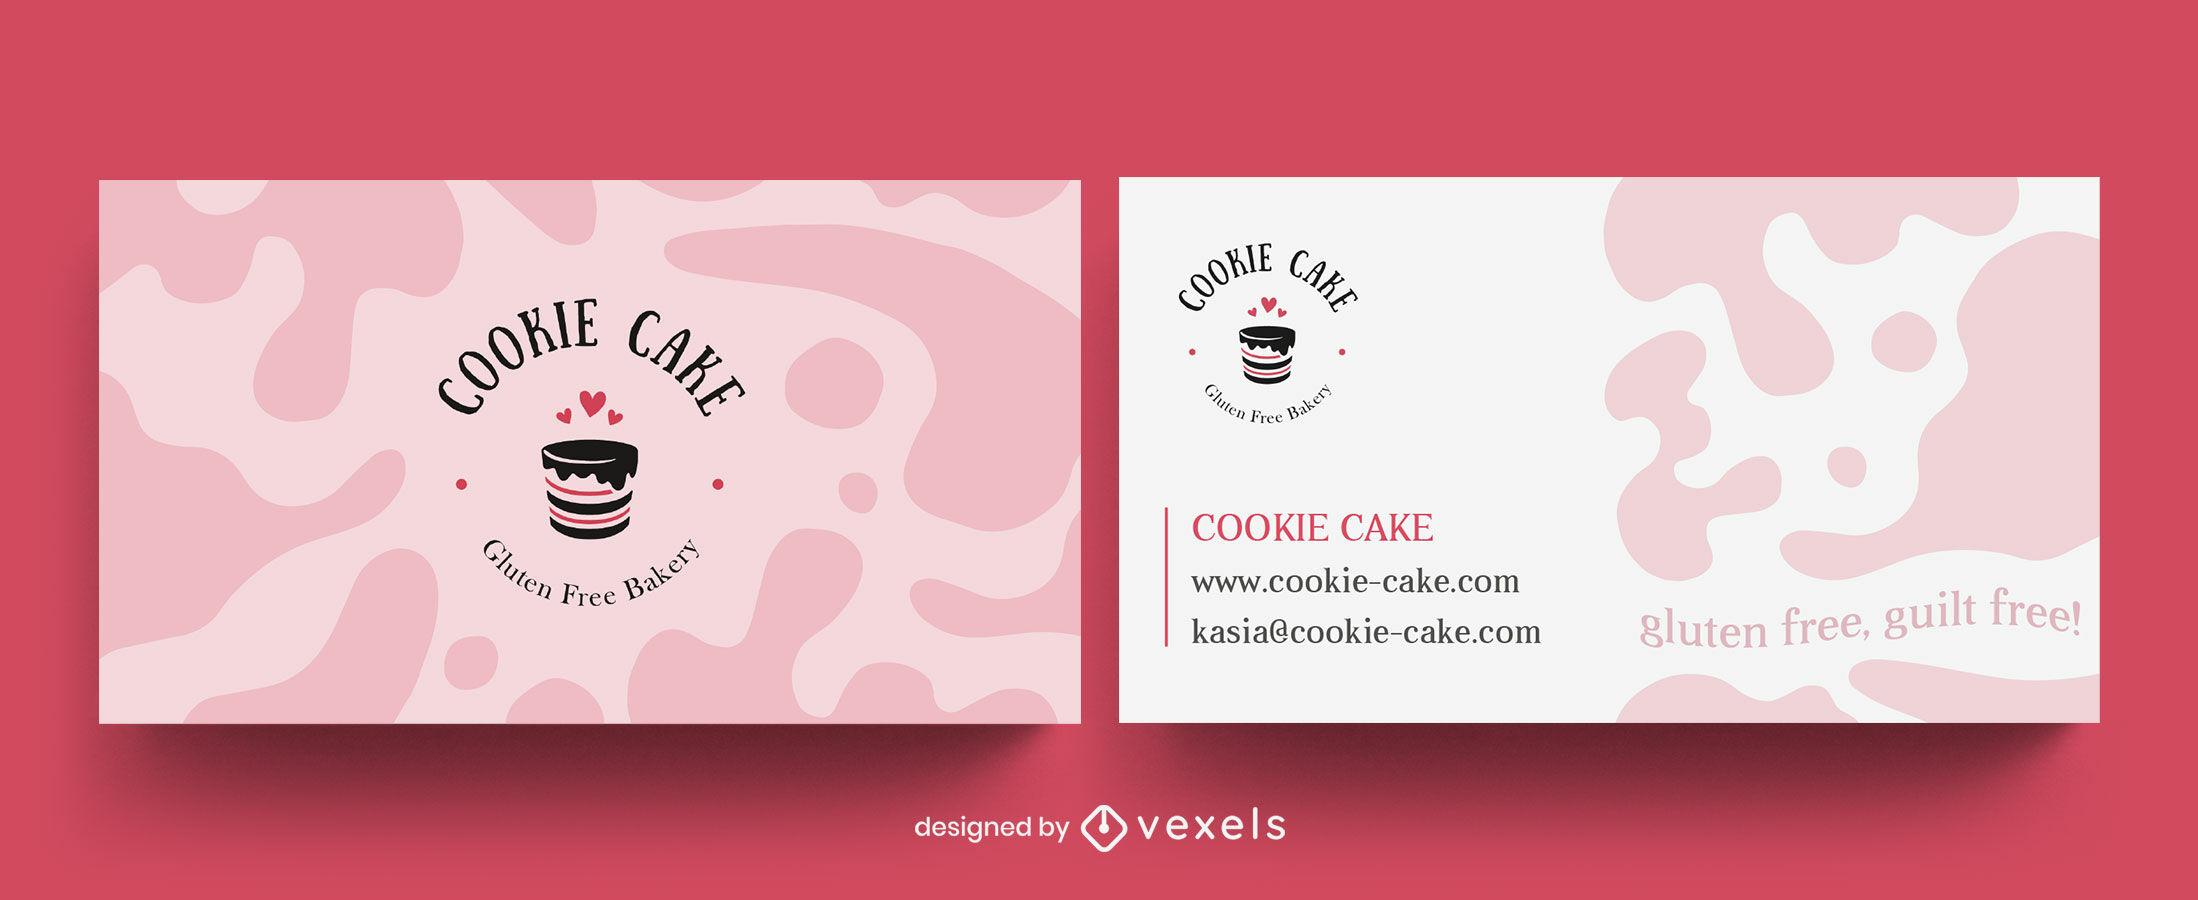 Design de cartão de visita de bolo de comida doce